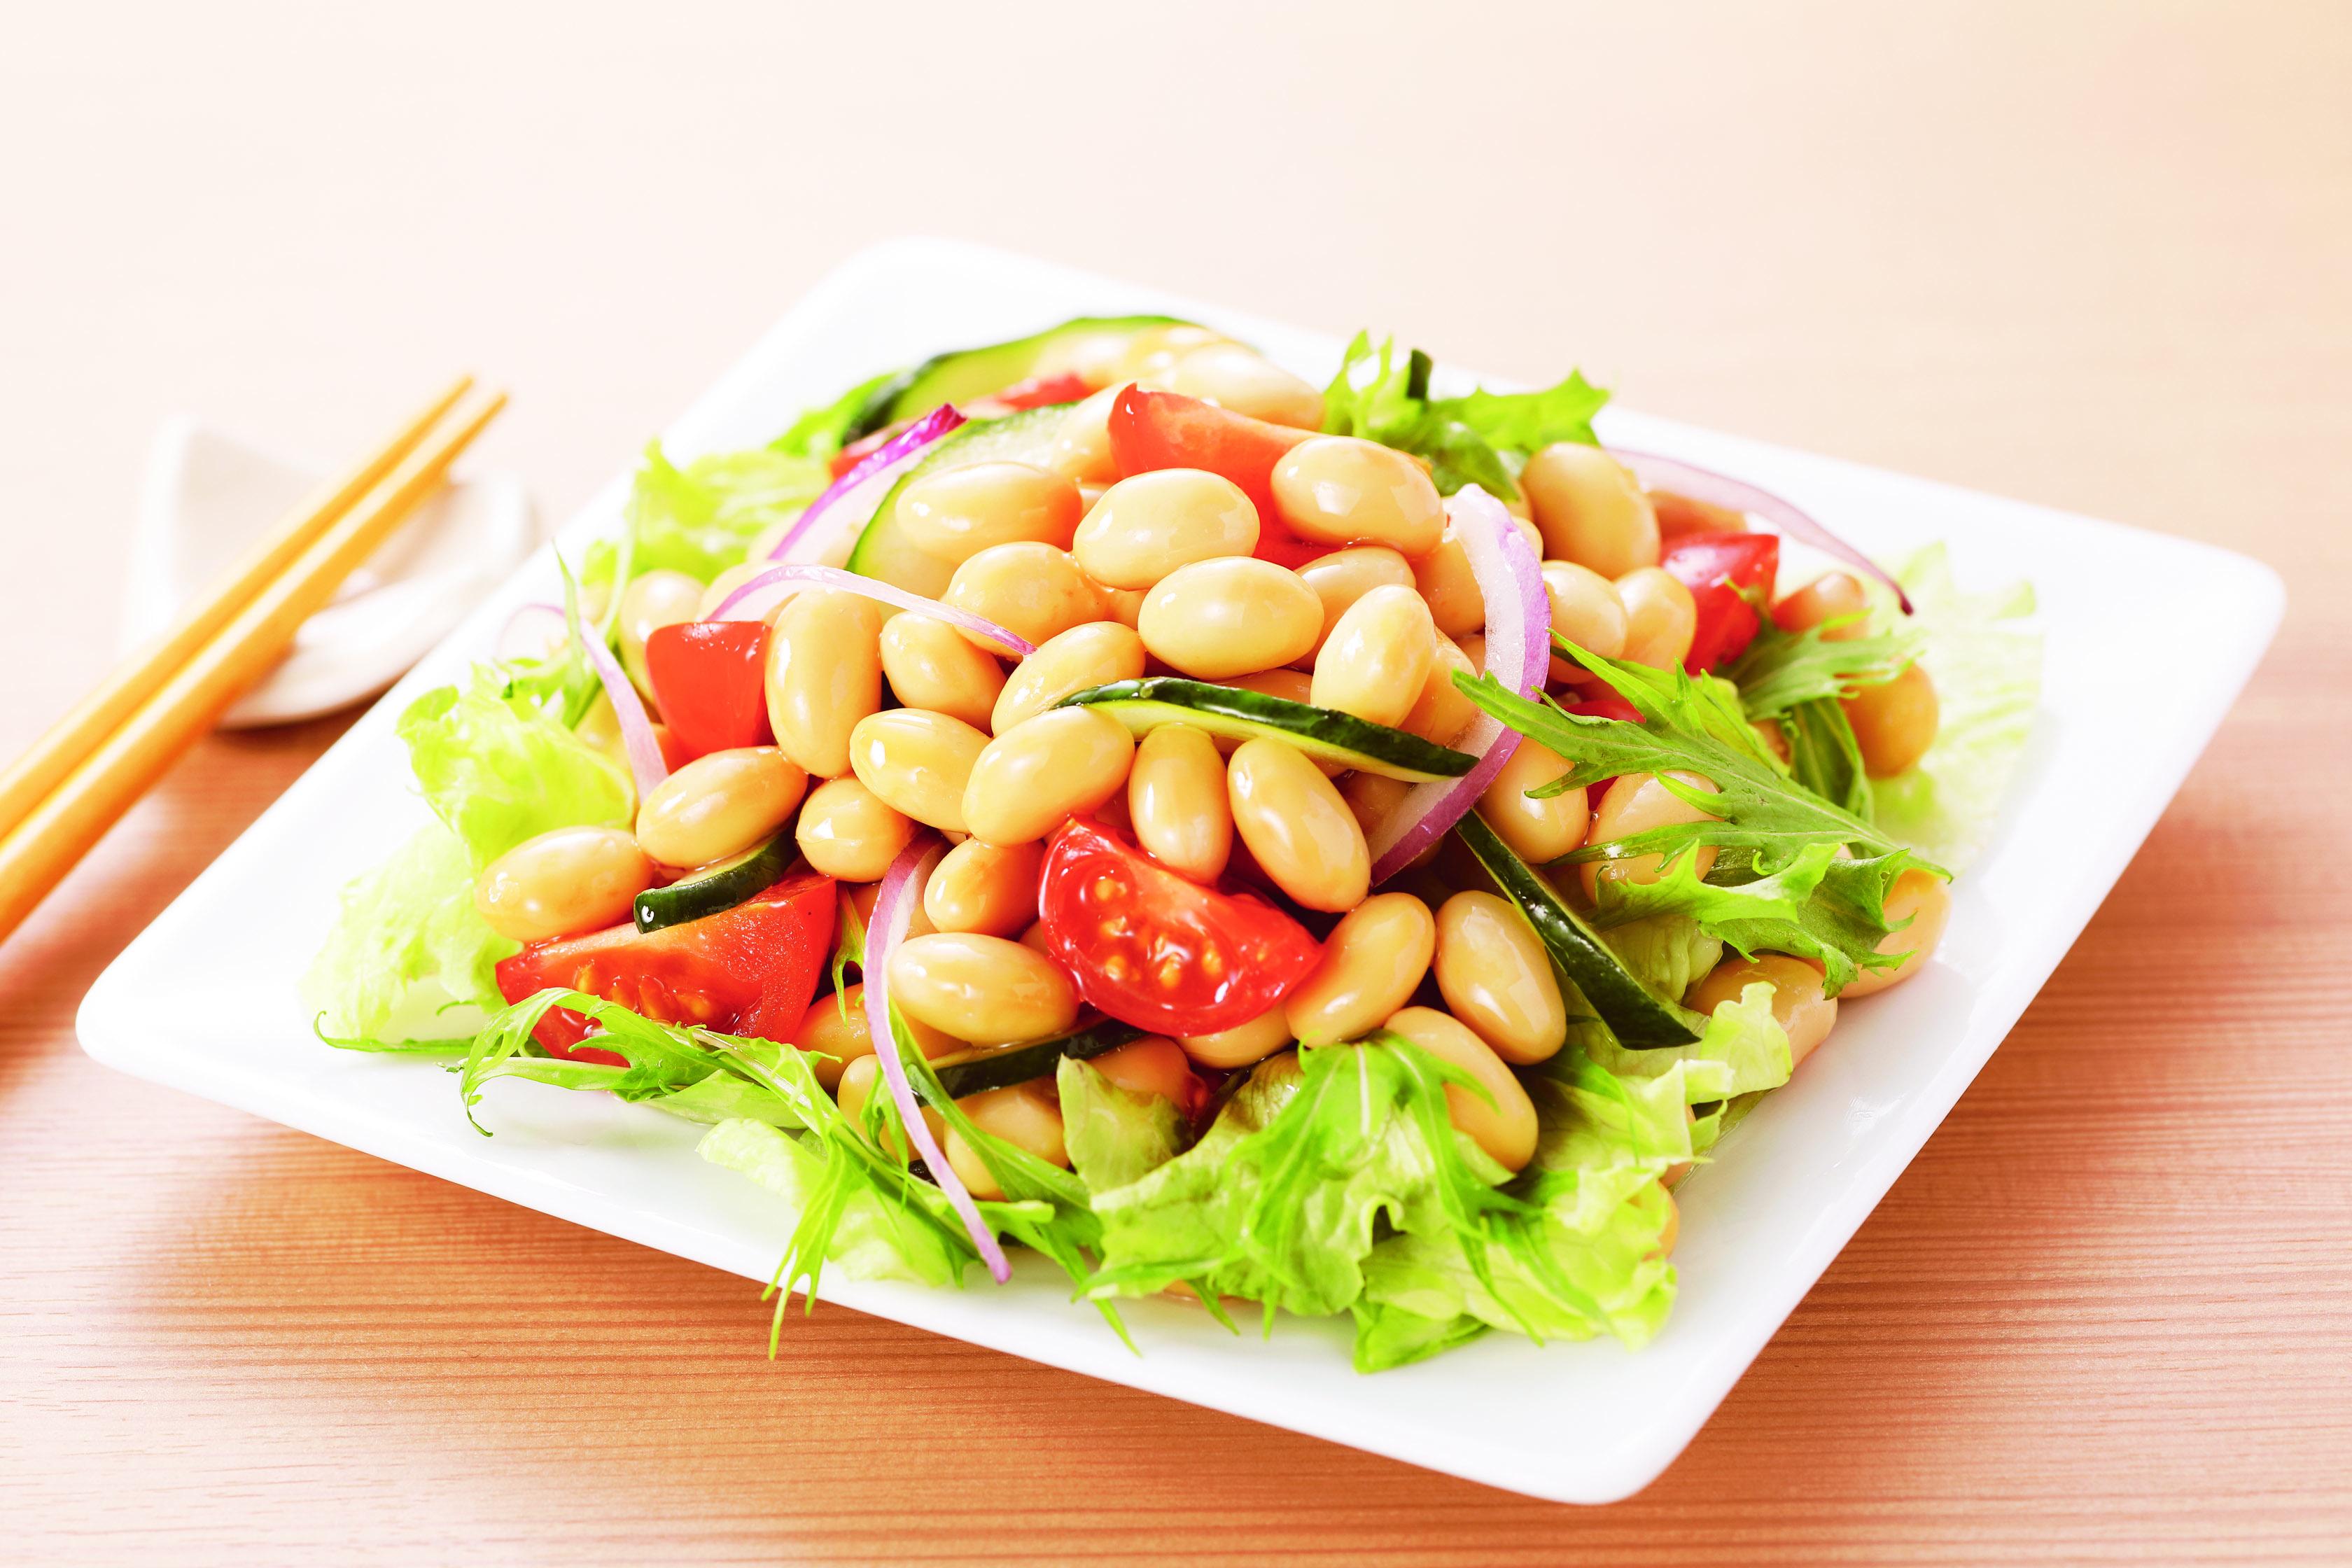 植物性乳酸菌100億個が入った「乳酸菌が入った 蒸し大豆」